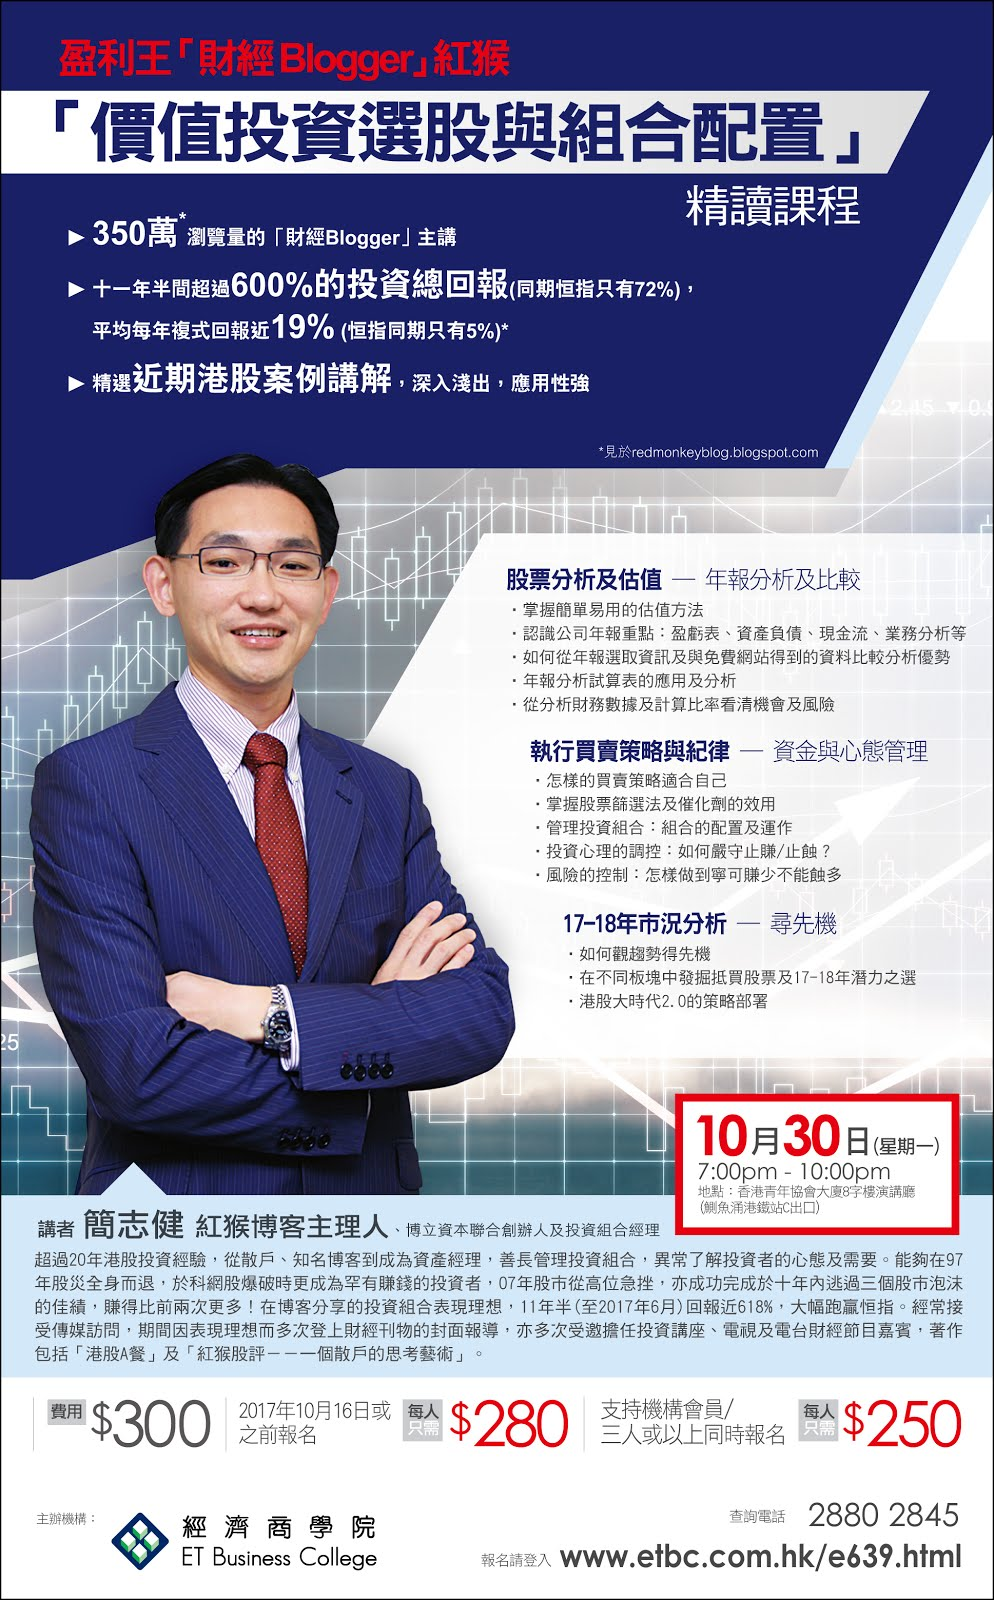 [紅猴 x 經濟商學院] 投資講座 (第三回) (30 Oct 2017)] 連續第三年合作,載譽重來,新一年新角度,現正接受報名!